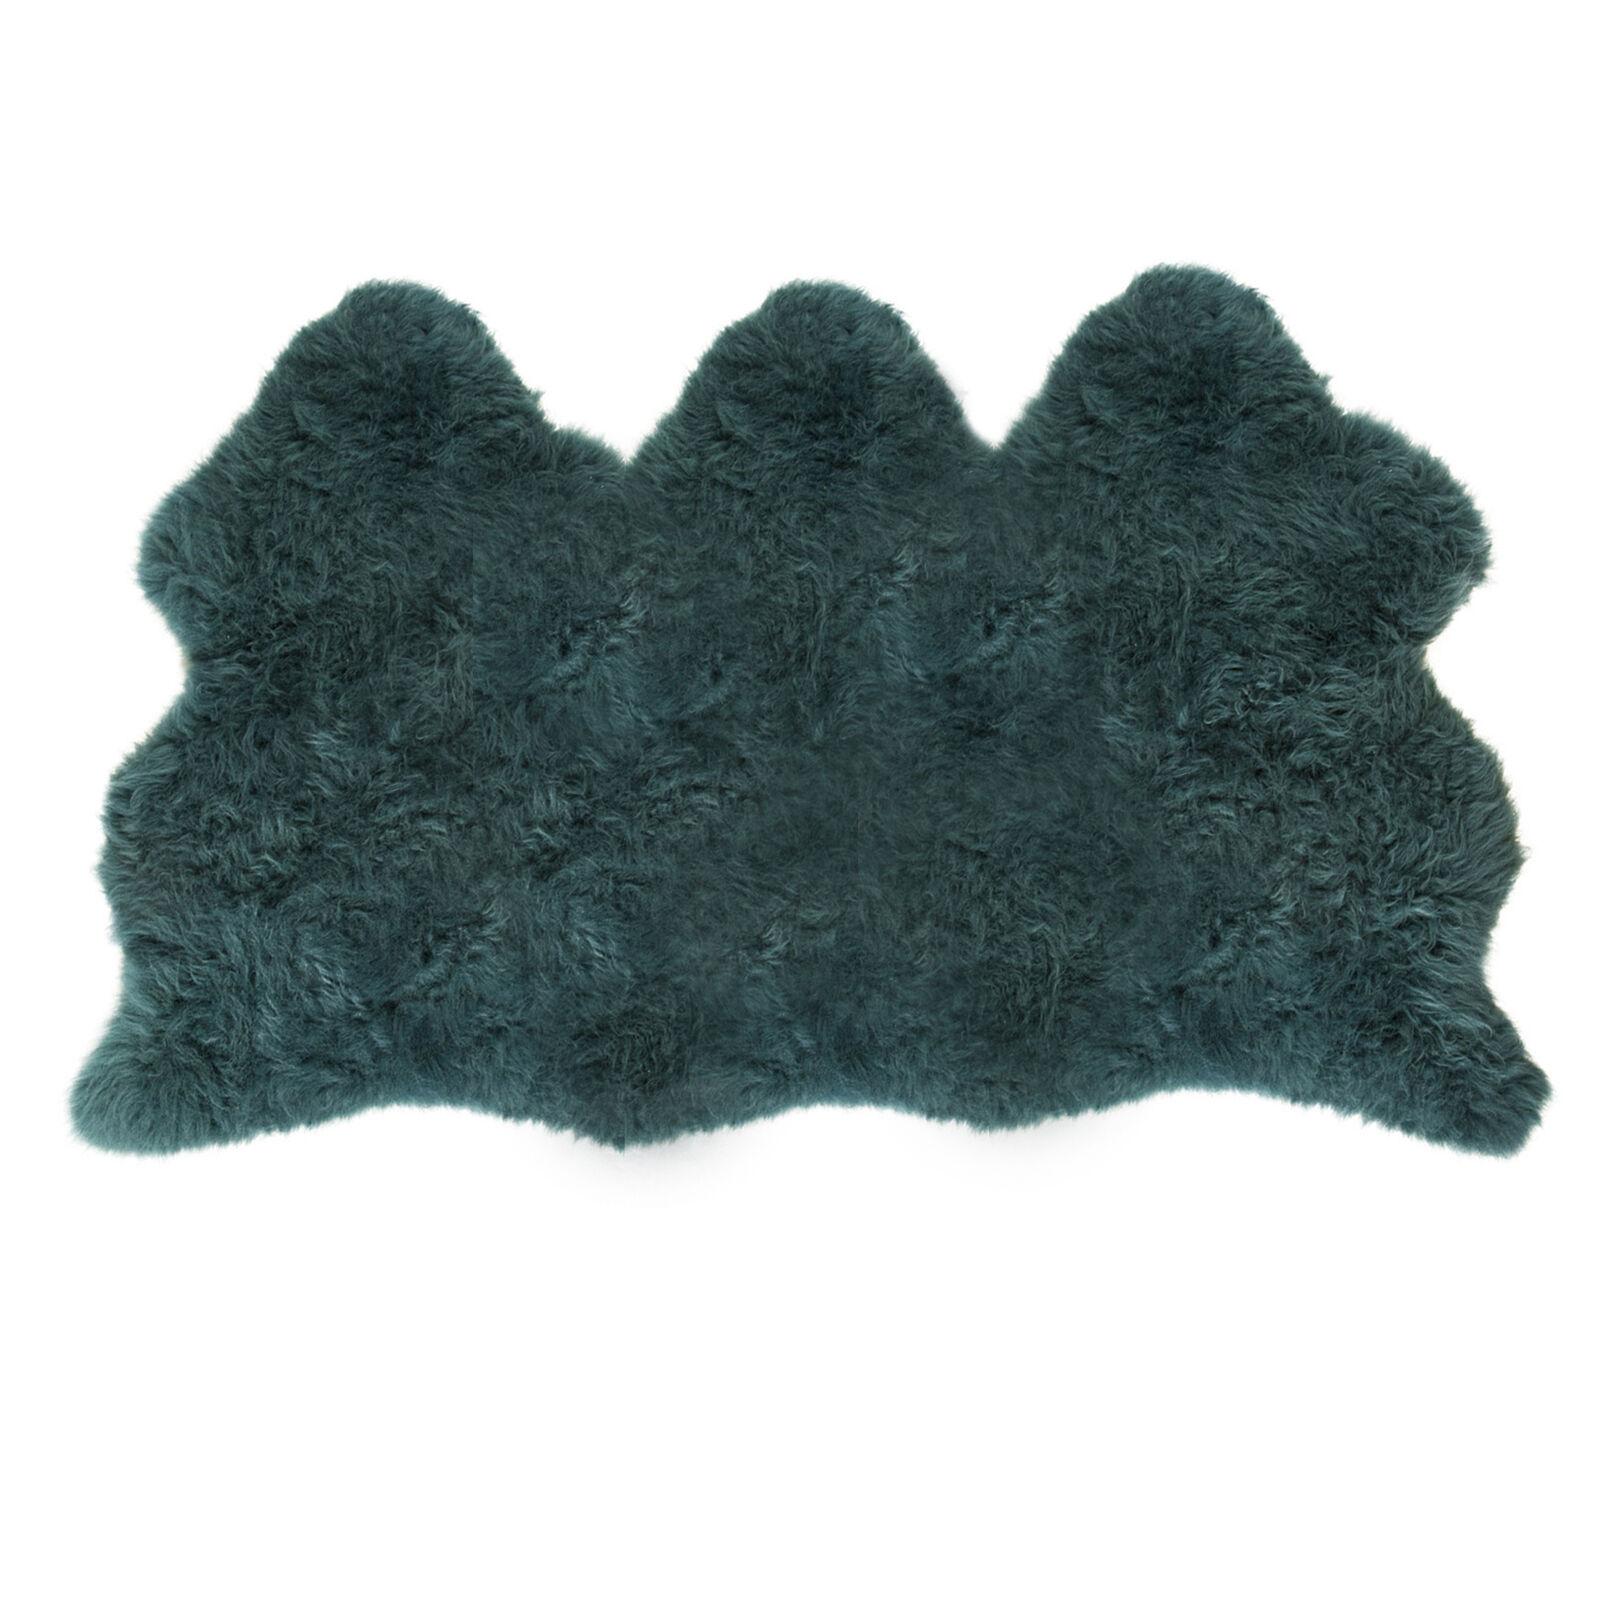 Super Size Extra Large Fabriqué Au Royaume-Uni, Véritable Tapis Bleu En Peau De Mouton Véritable Teal Peau